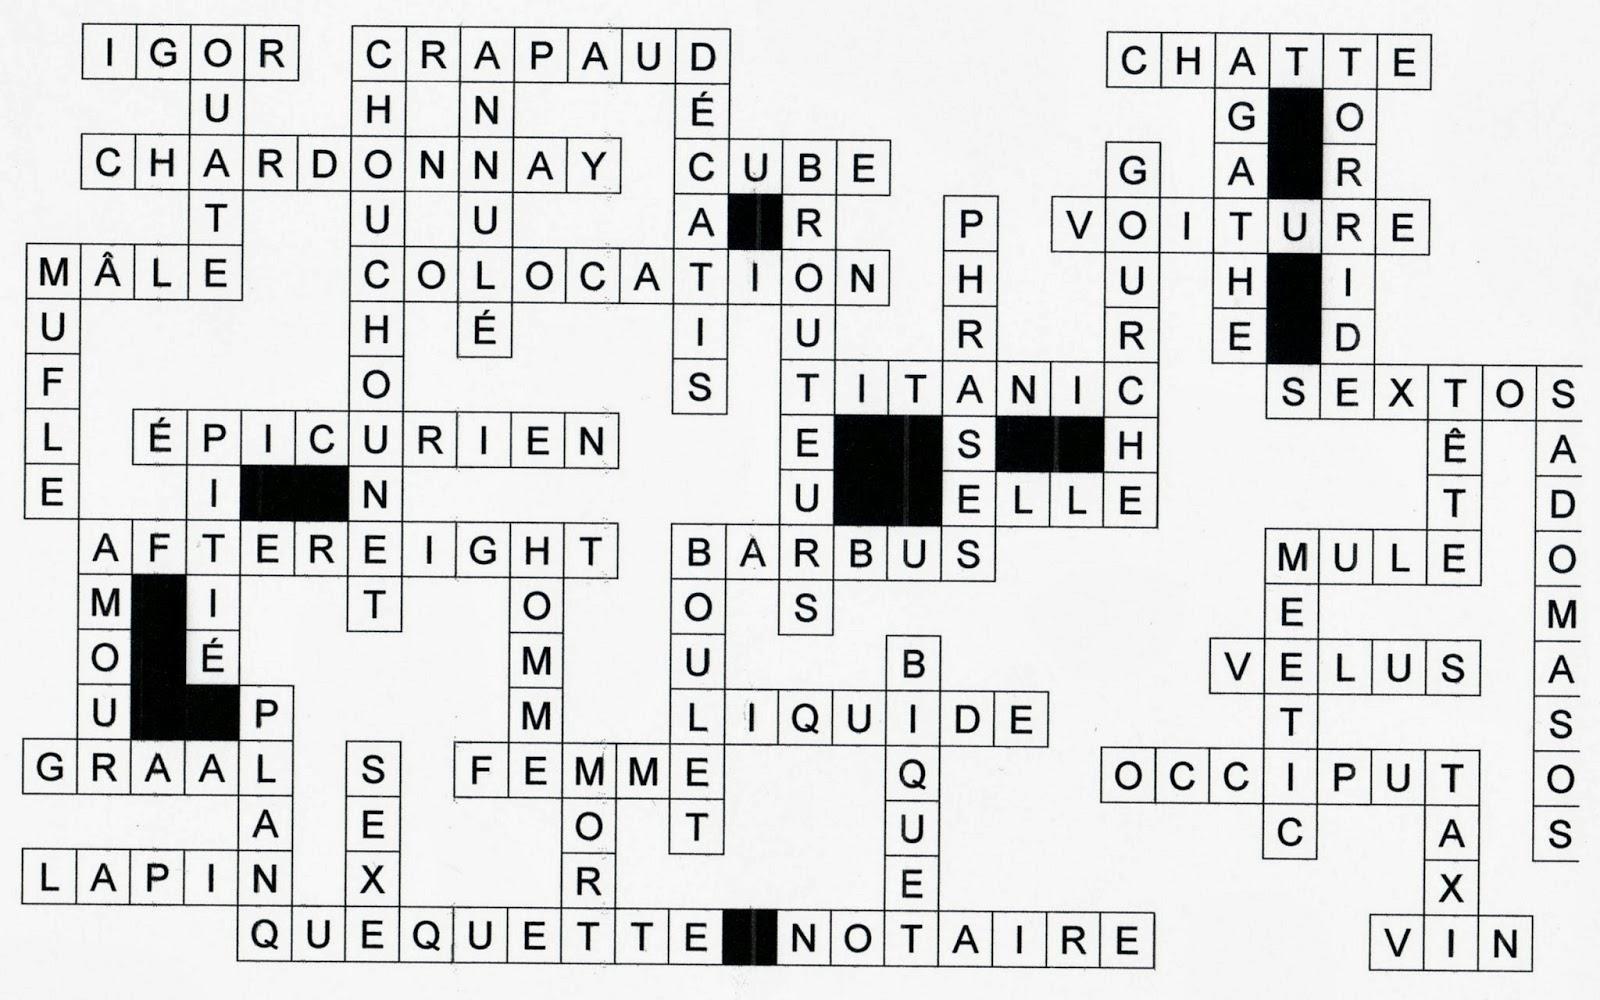 Paratge Drudaria blog4ever as well Jeu De Lete Les Resultats additionally Exemple Description Femme Pour Site De Rencontre Laval furthermore Bepc cv in addition Groupe Beaumanoir. on site de rencontre feminin at